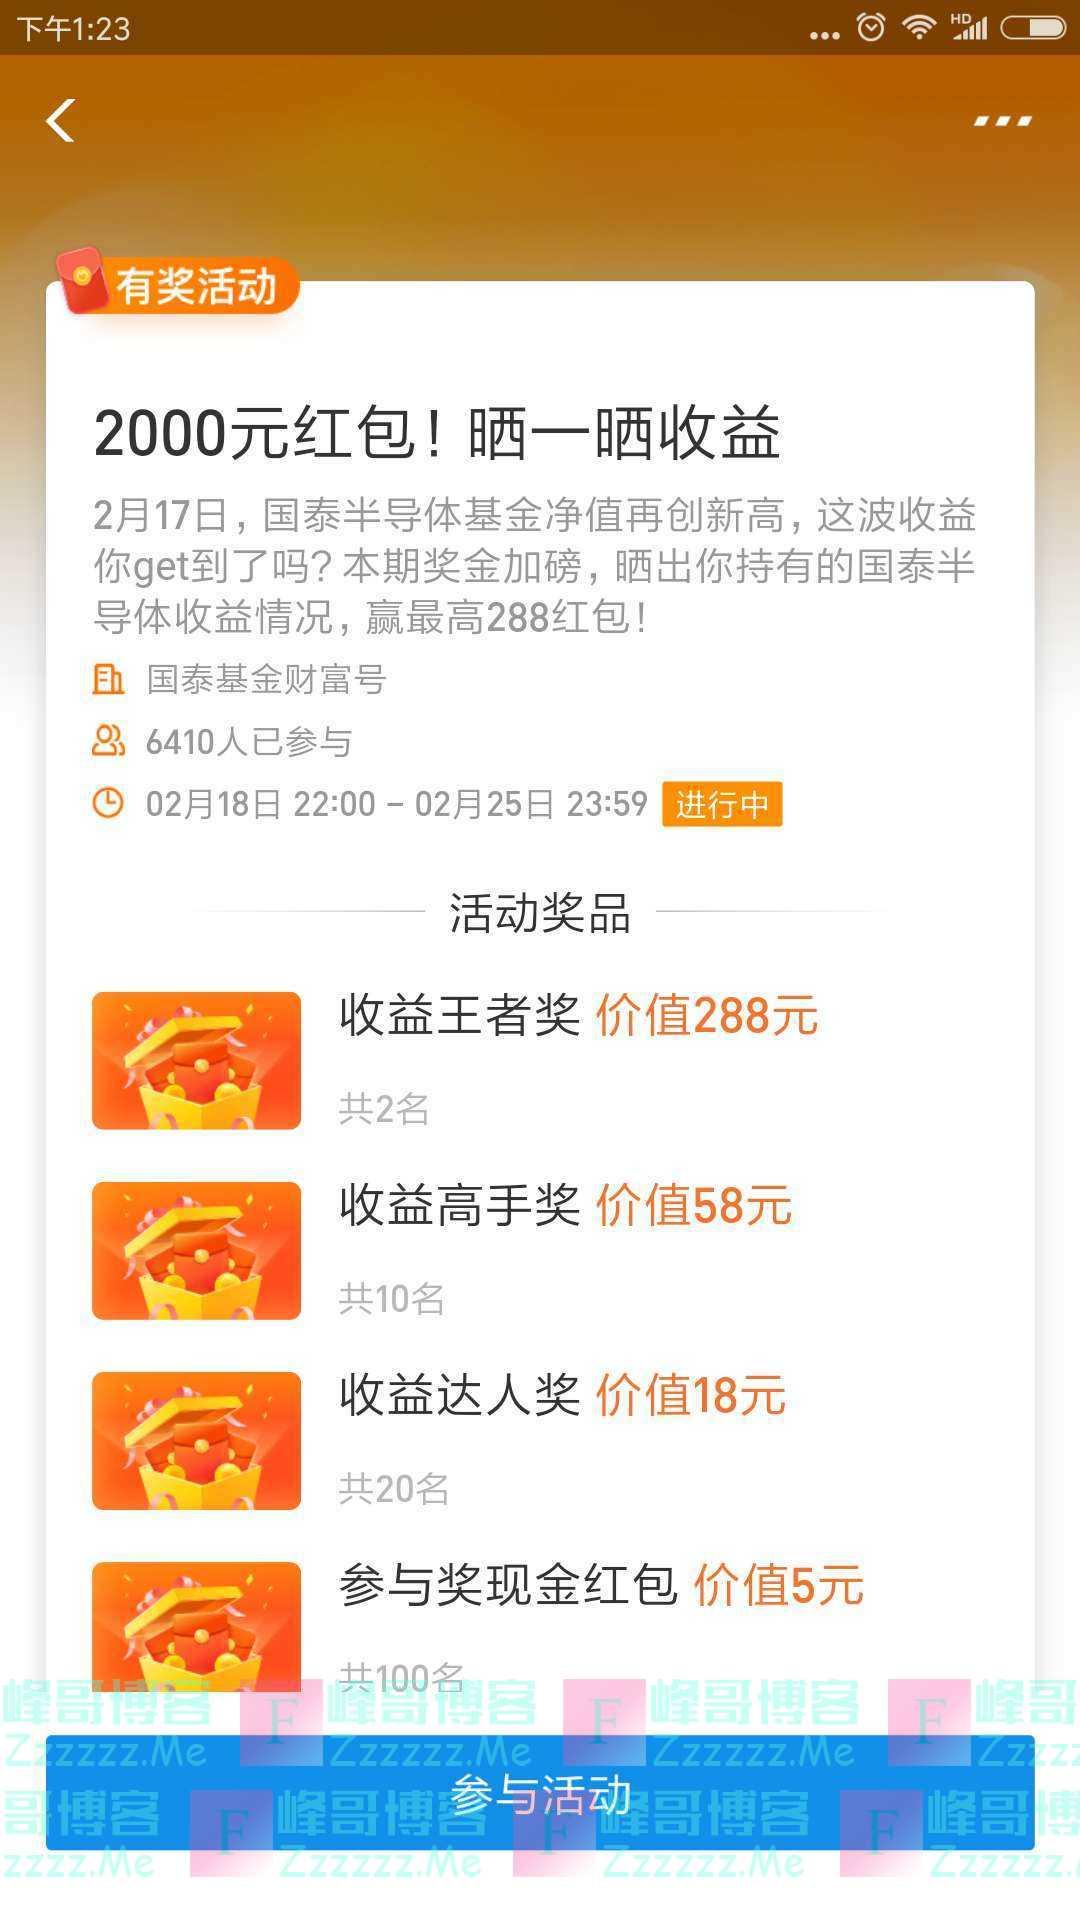 国泰基金2000元红包 晒一晒收益(截止2月25日)